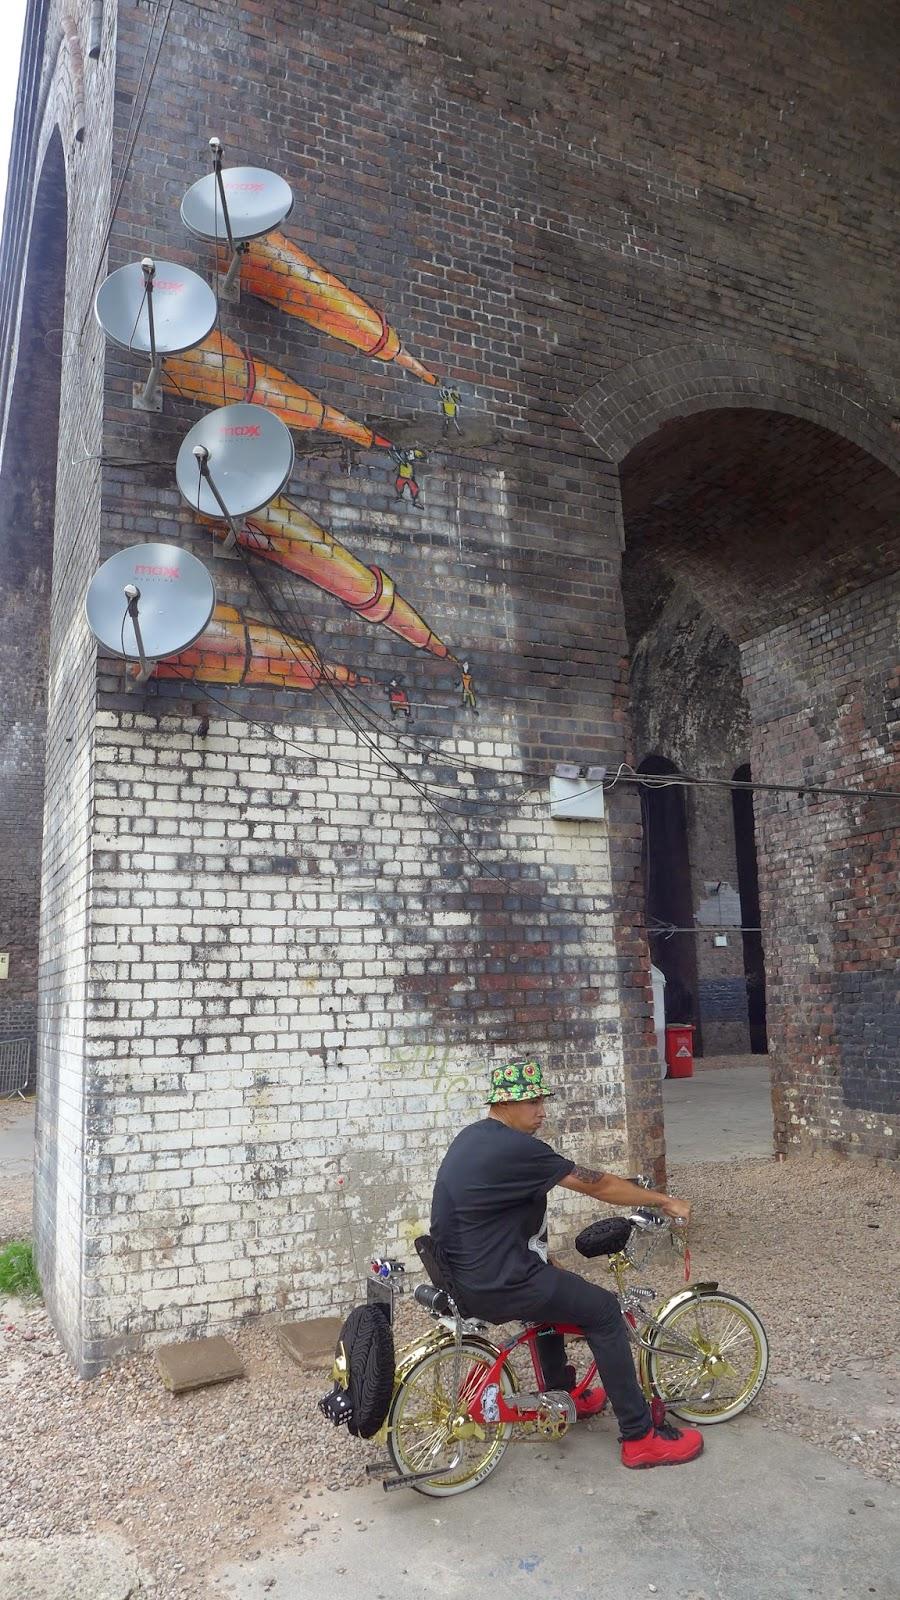 Graffiti and BMX